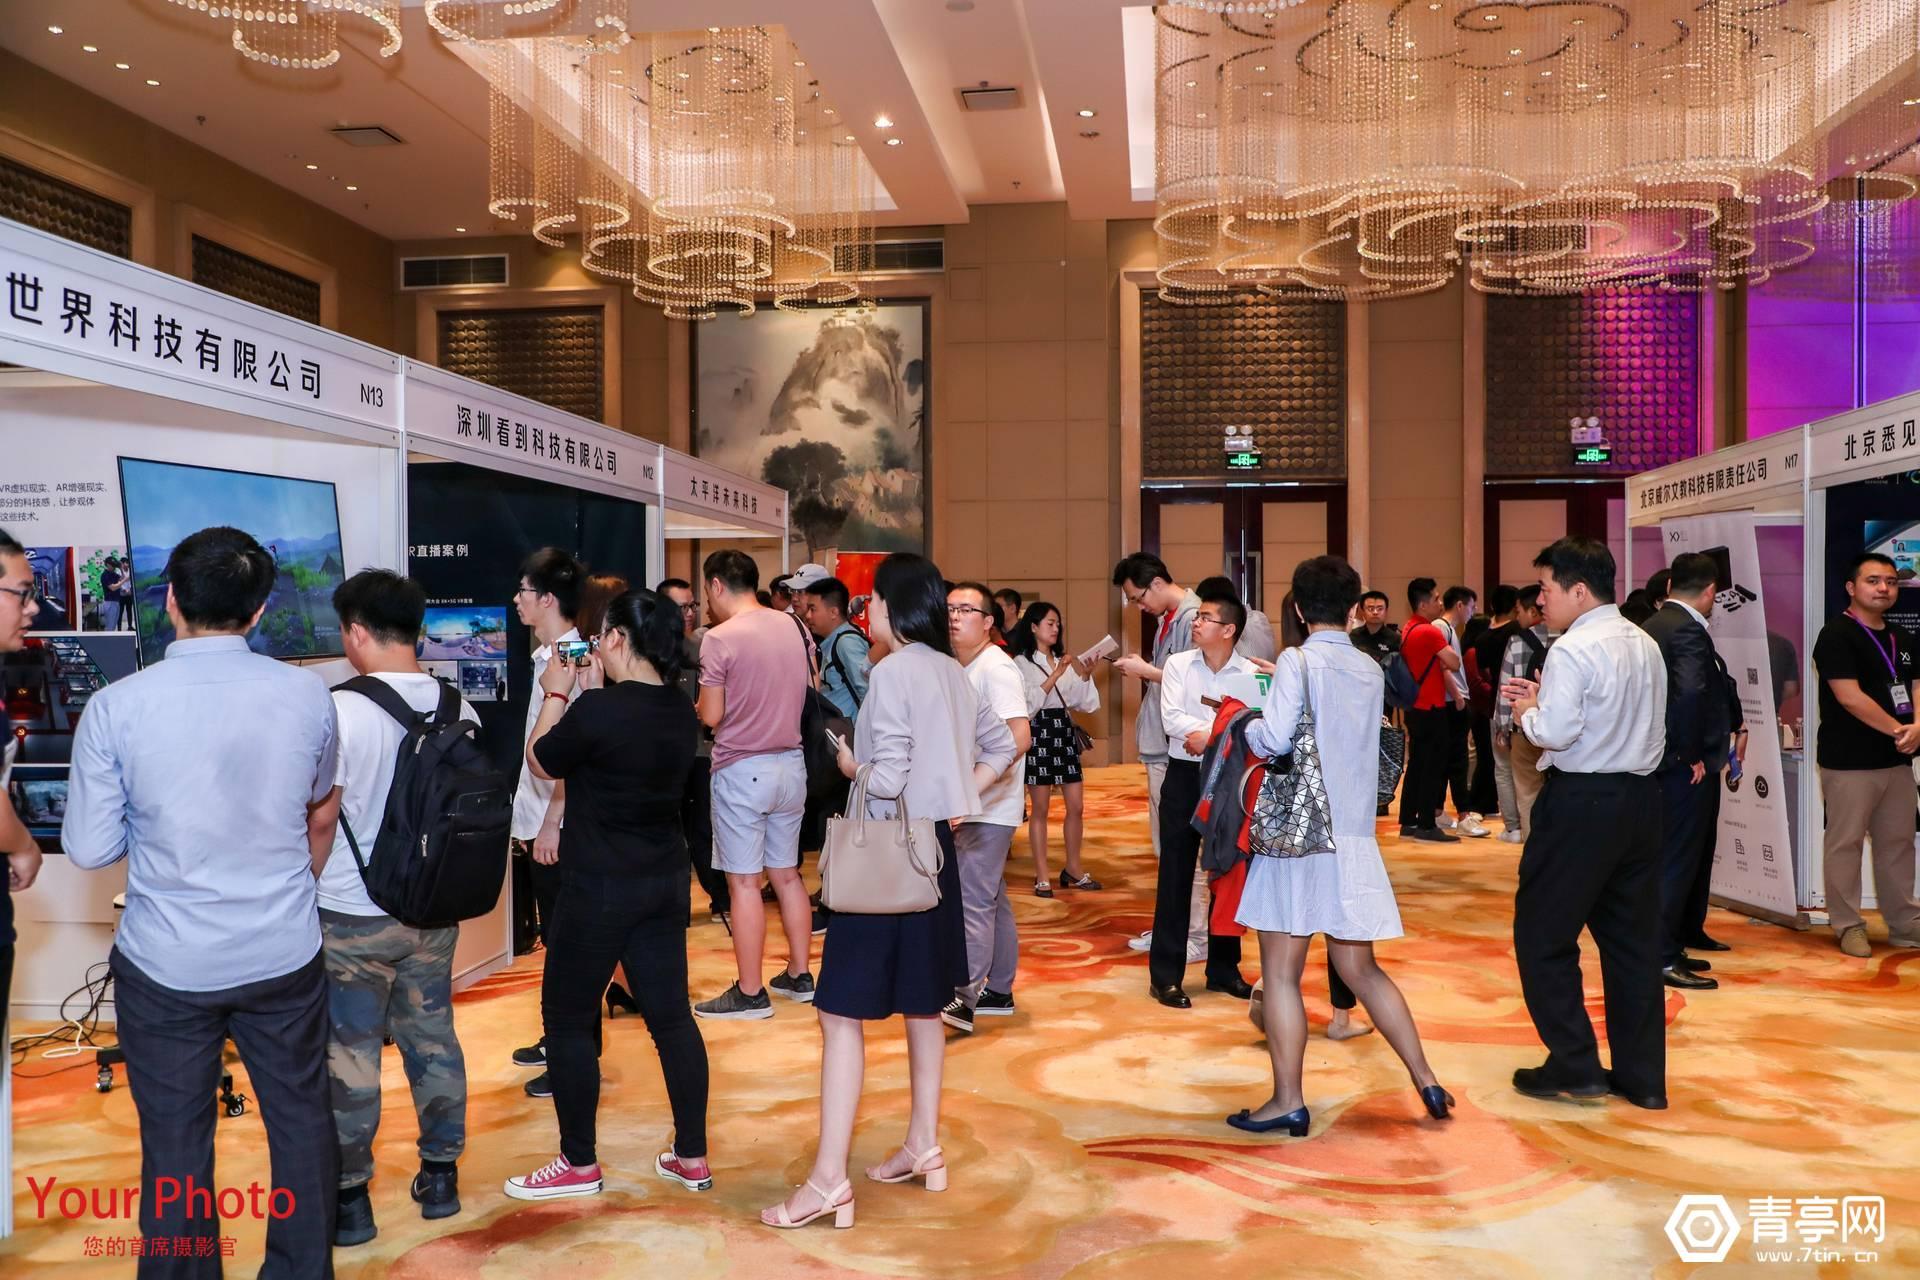 集合最前沿的AR/VR行业解决方案,青亭峰会展区回顾